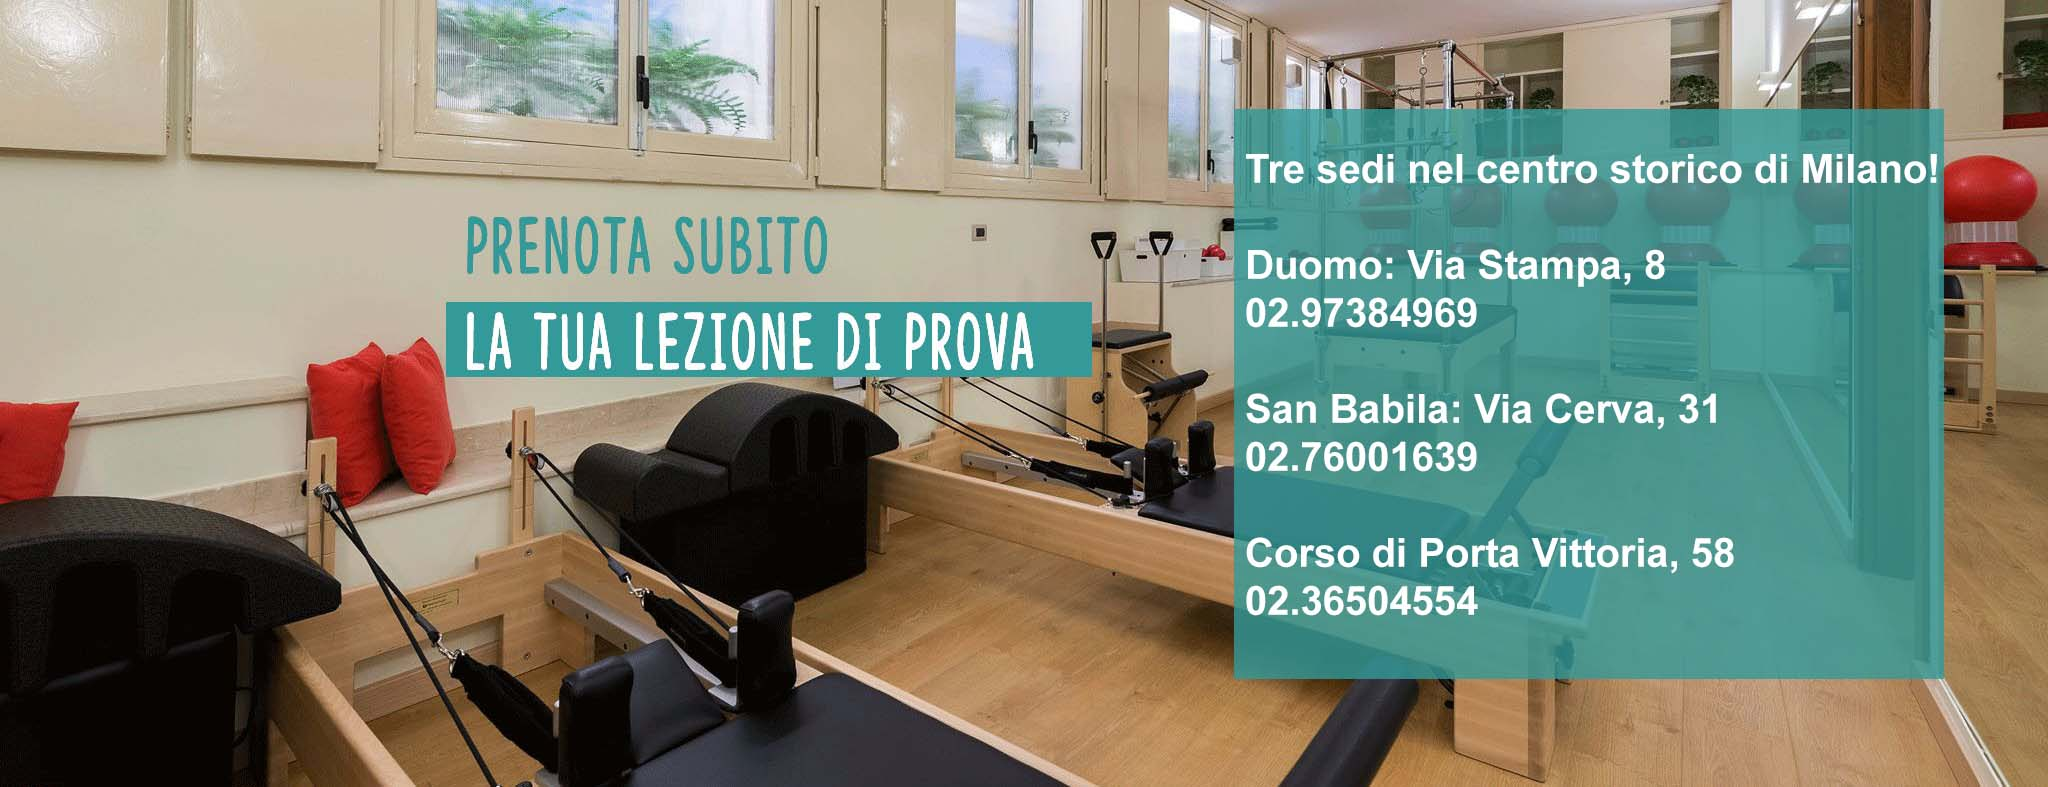 Lezioni Pilates Via Ludovico Il Moro Milano - Prenota subito la tua lezione di prova